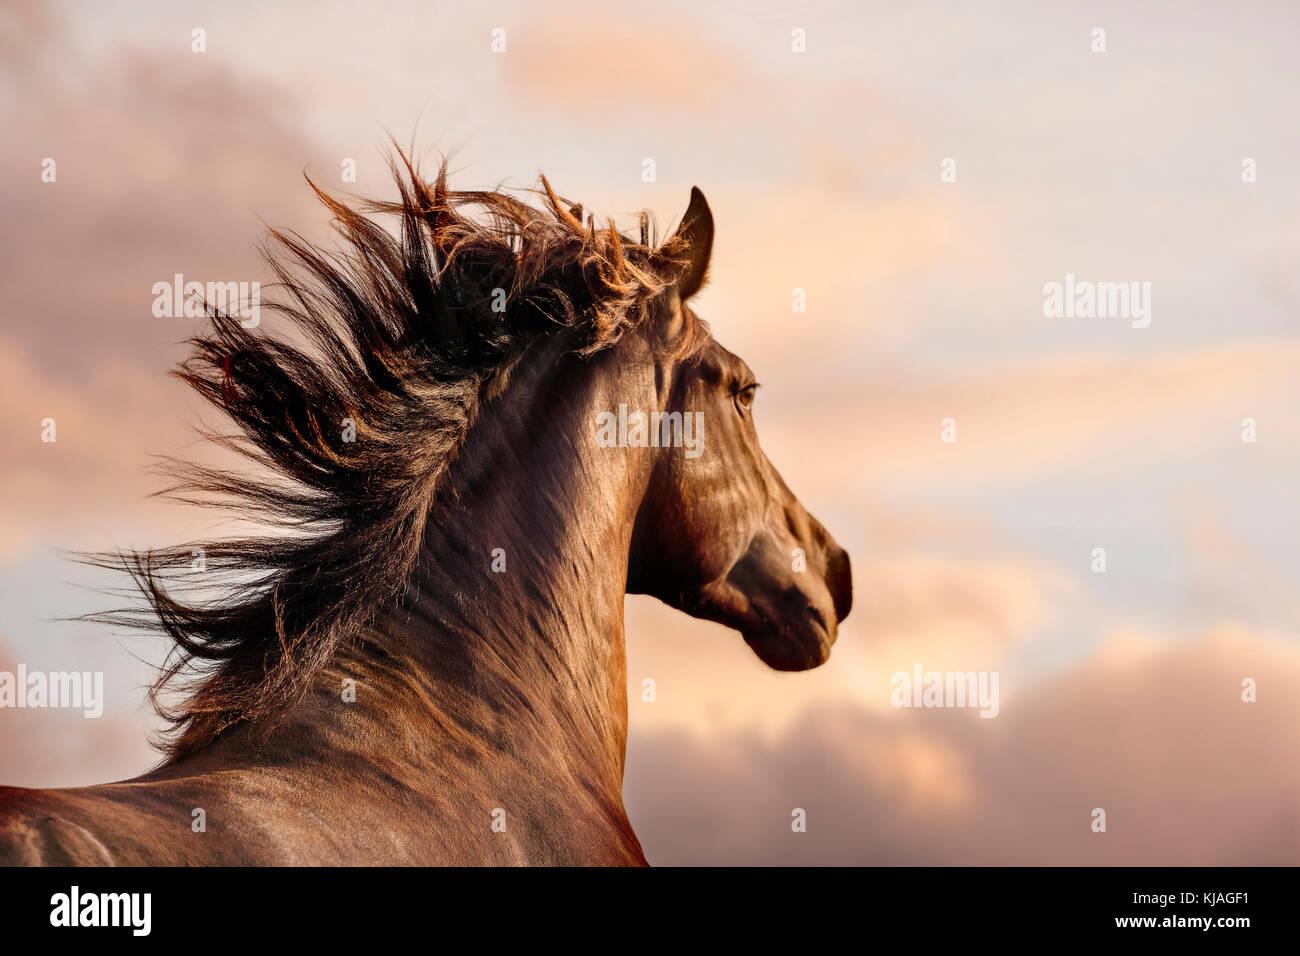 Spanische Pferd, Andalusische. Portrait von Dun Hengst im Abendlicht. Schweiz Stockfoto